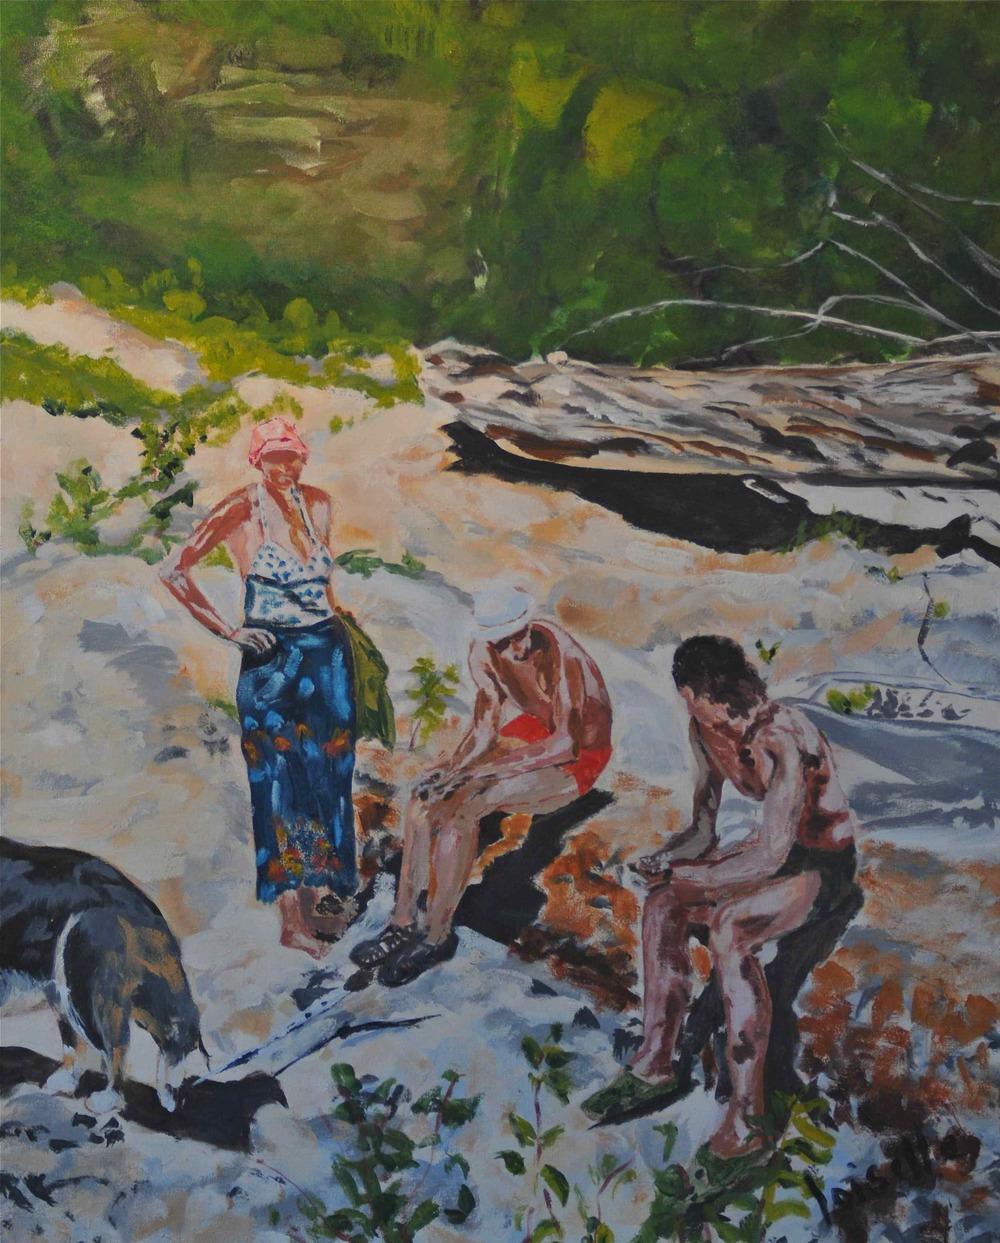 Bamboo et ses amis   Acrylique sur toile  20 po X 30 po   Collection privée